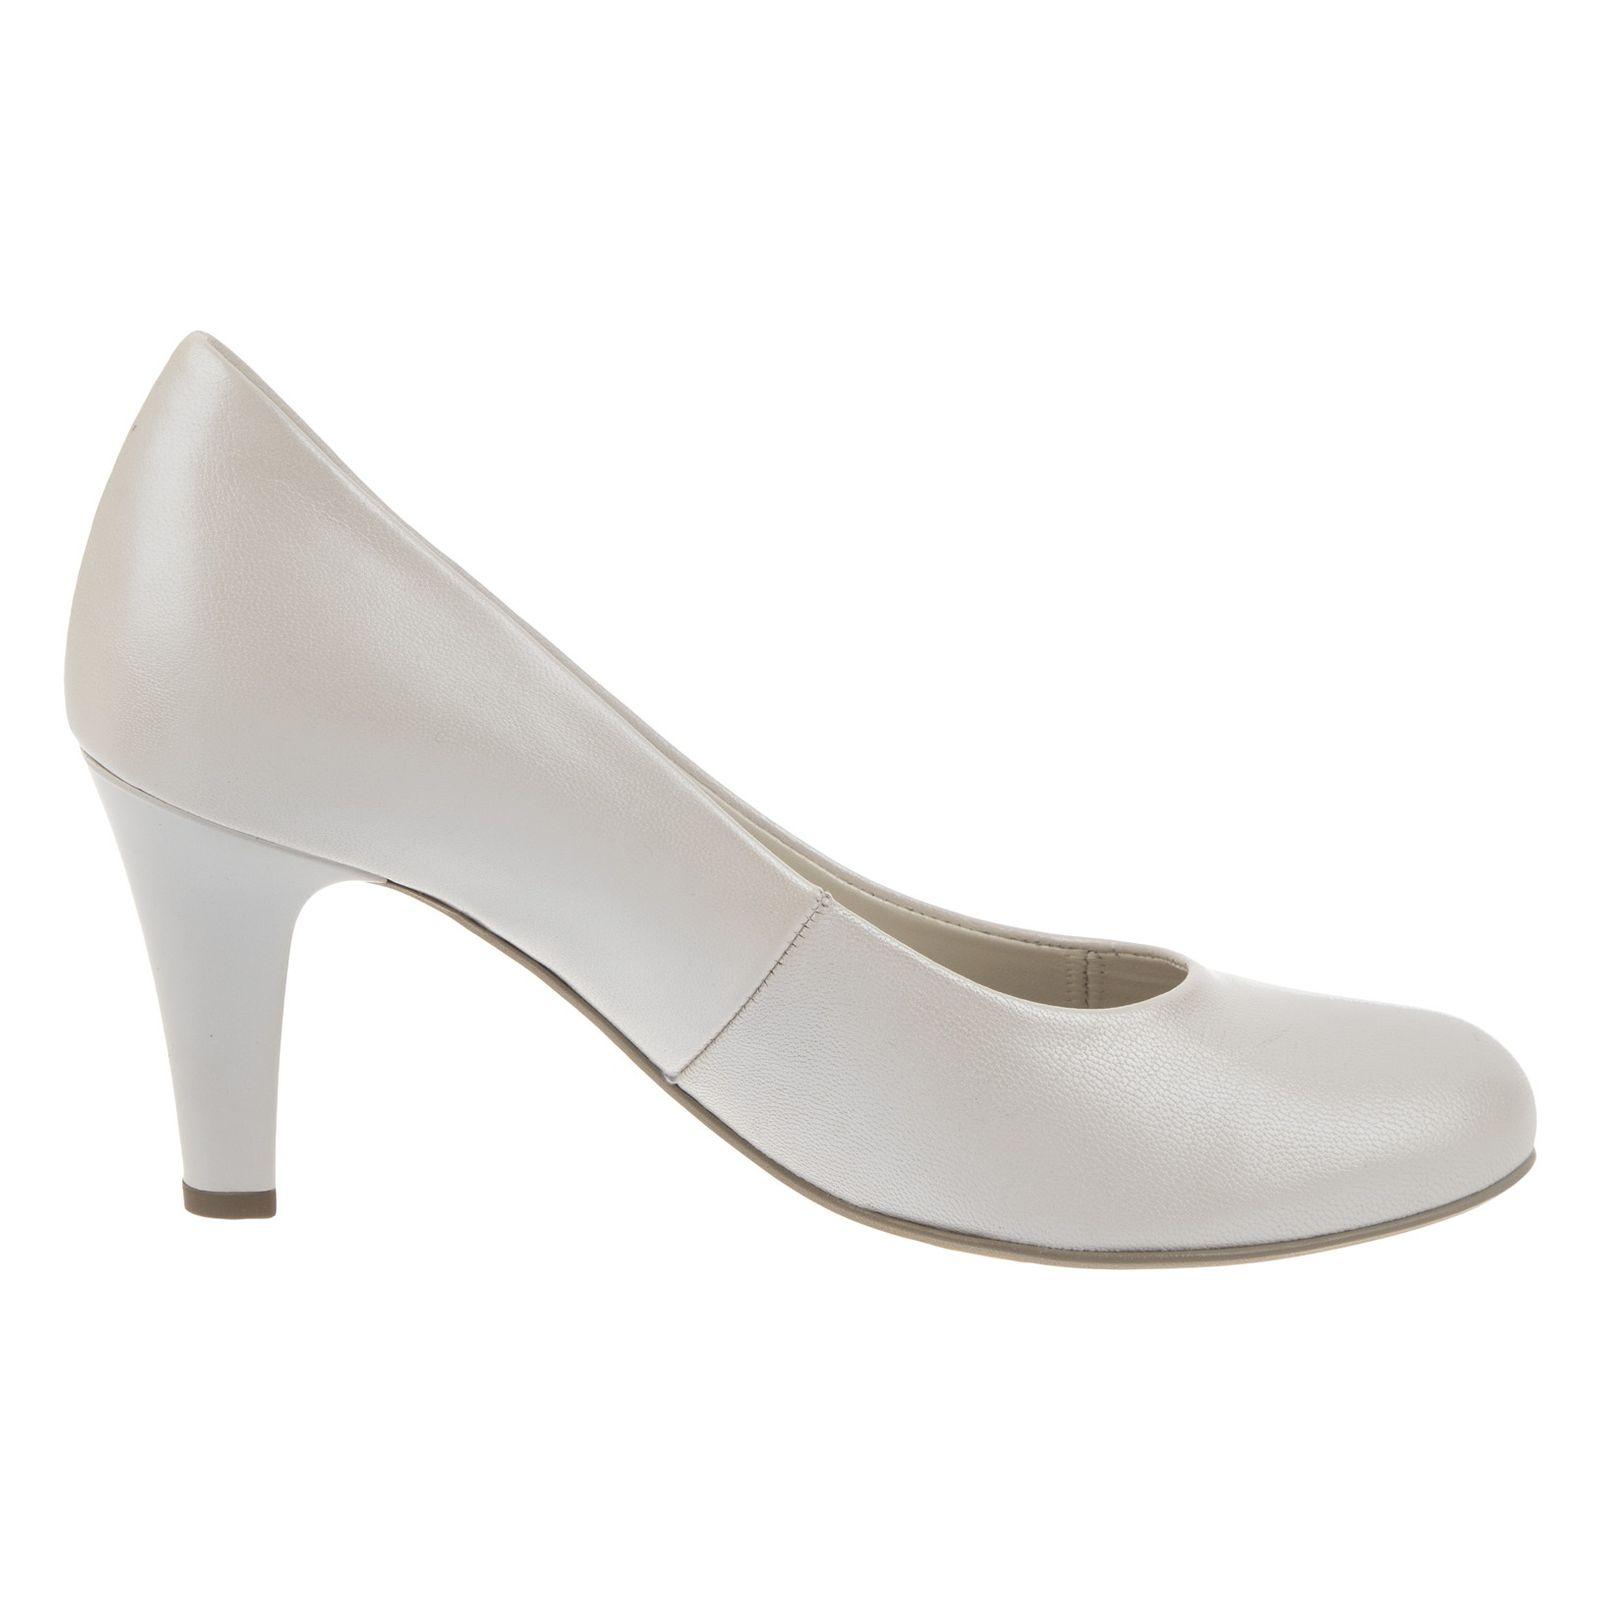 کفش زنانه گابور مدل 05.210.60 main 1 2